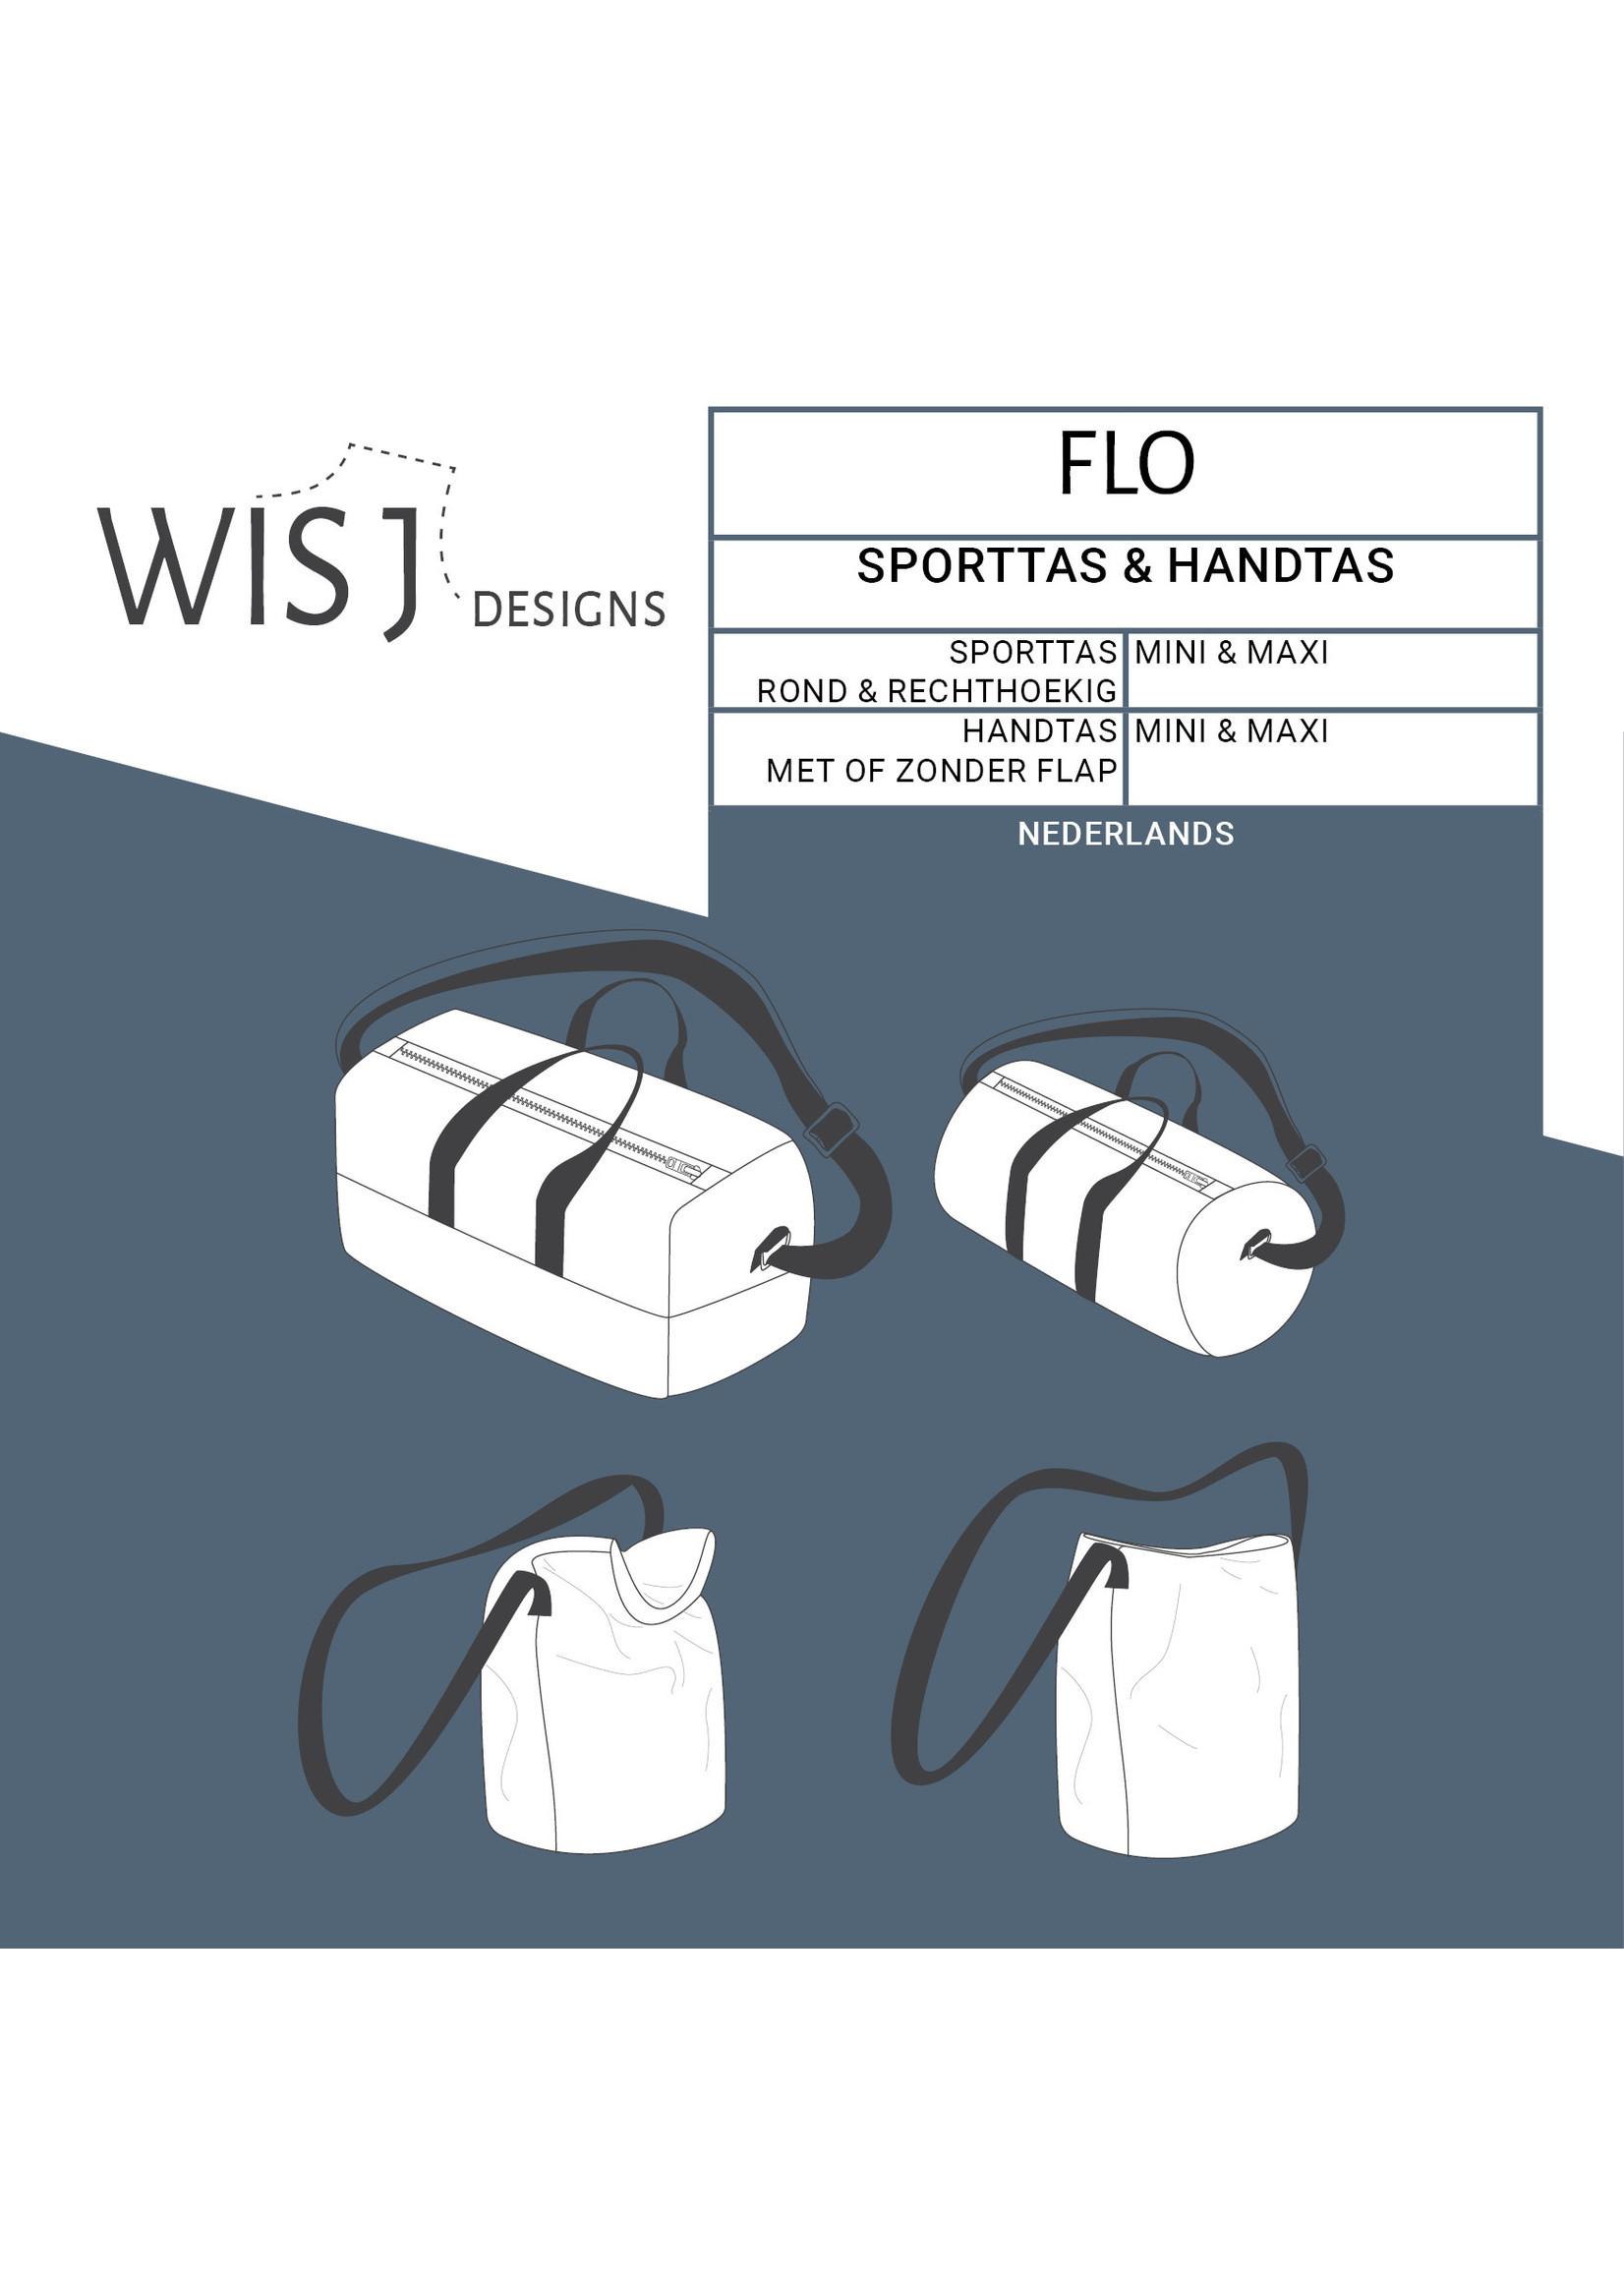 Wisj Designs Flo wisj